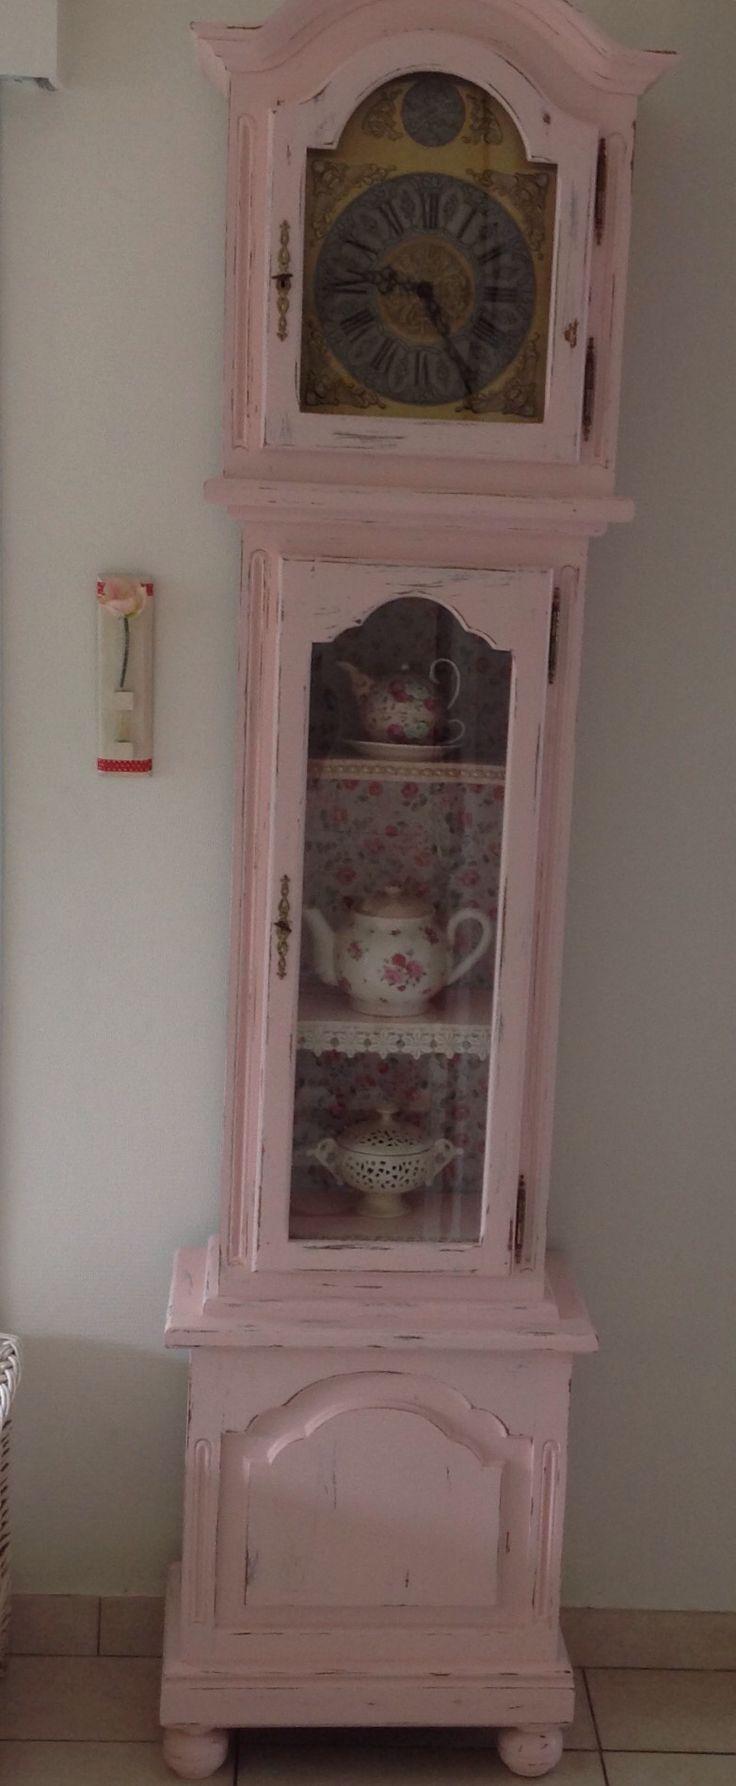 Oude, staande klok in roze jasje